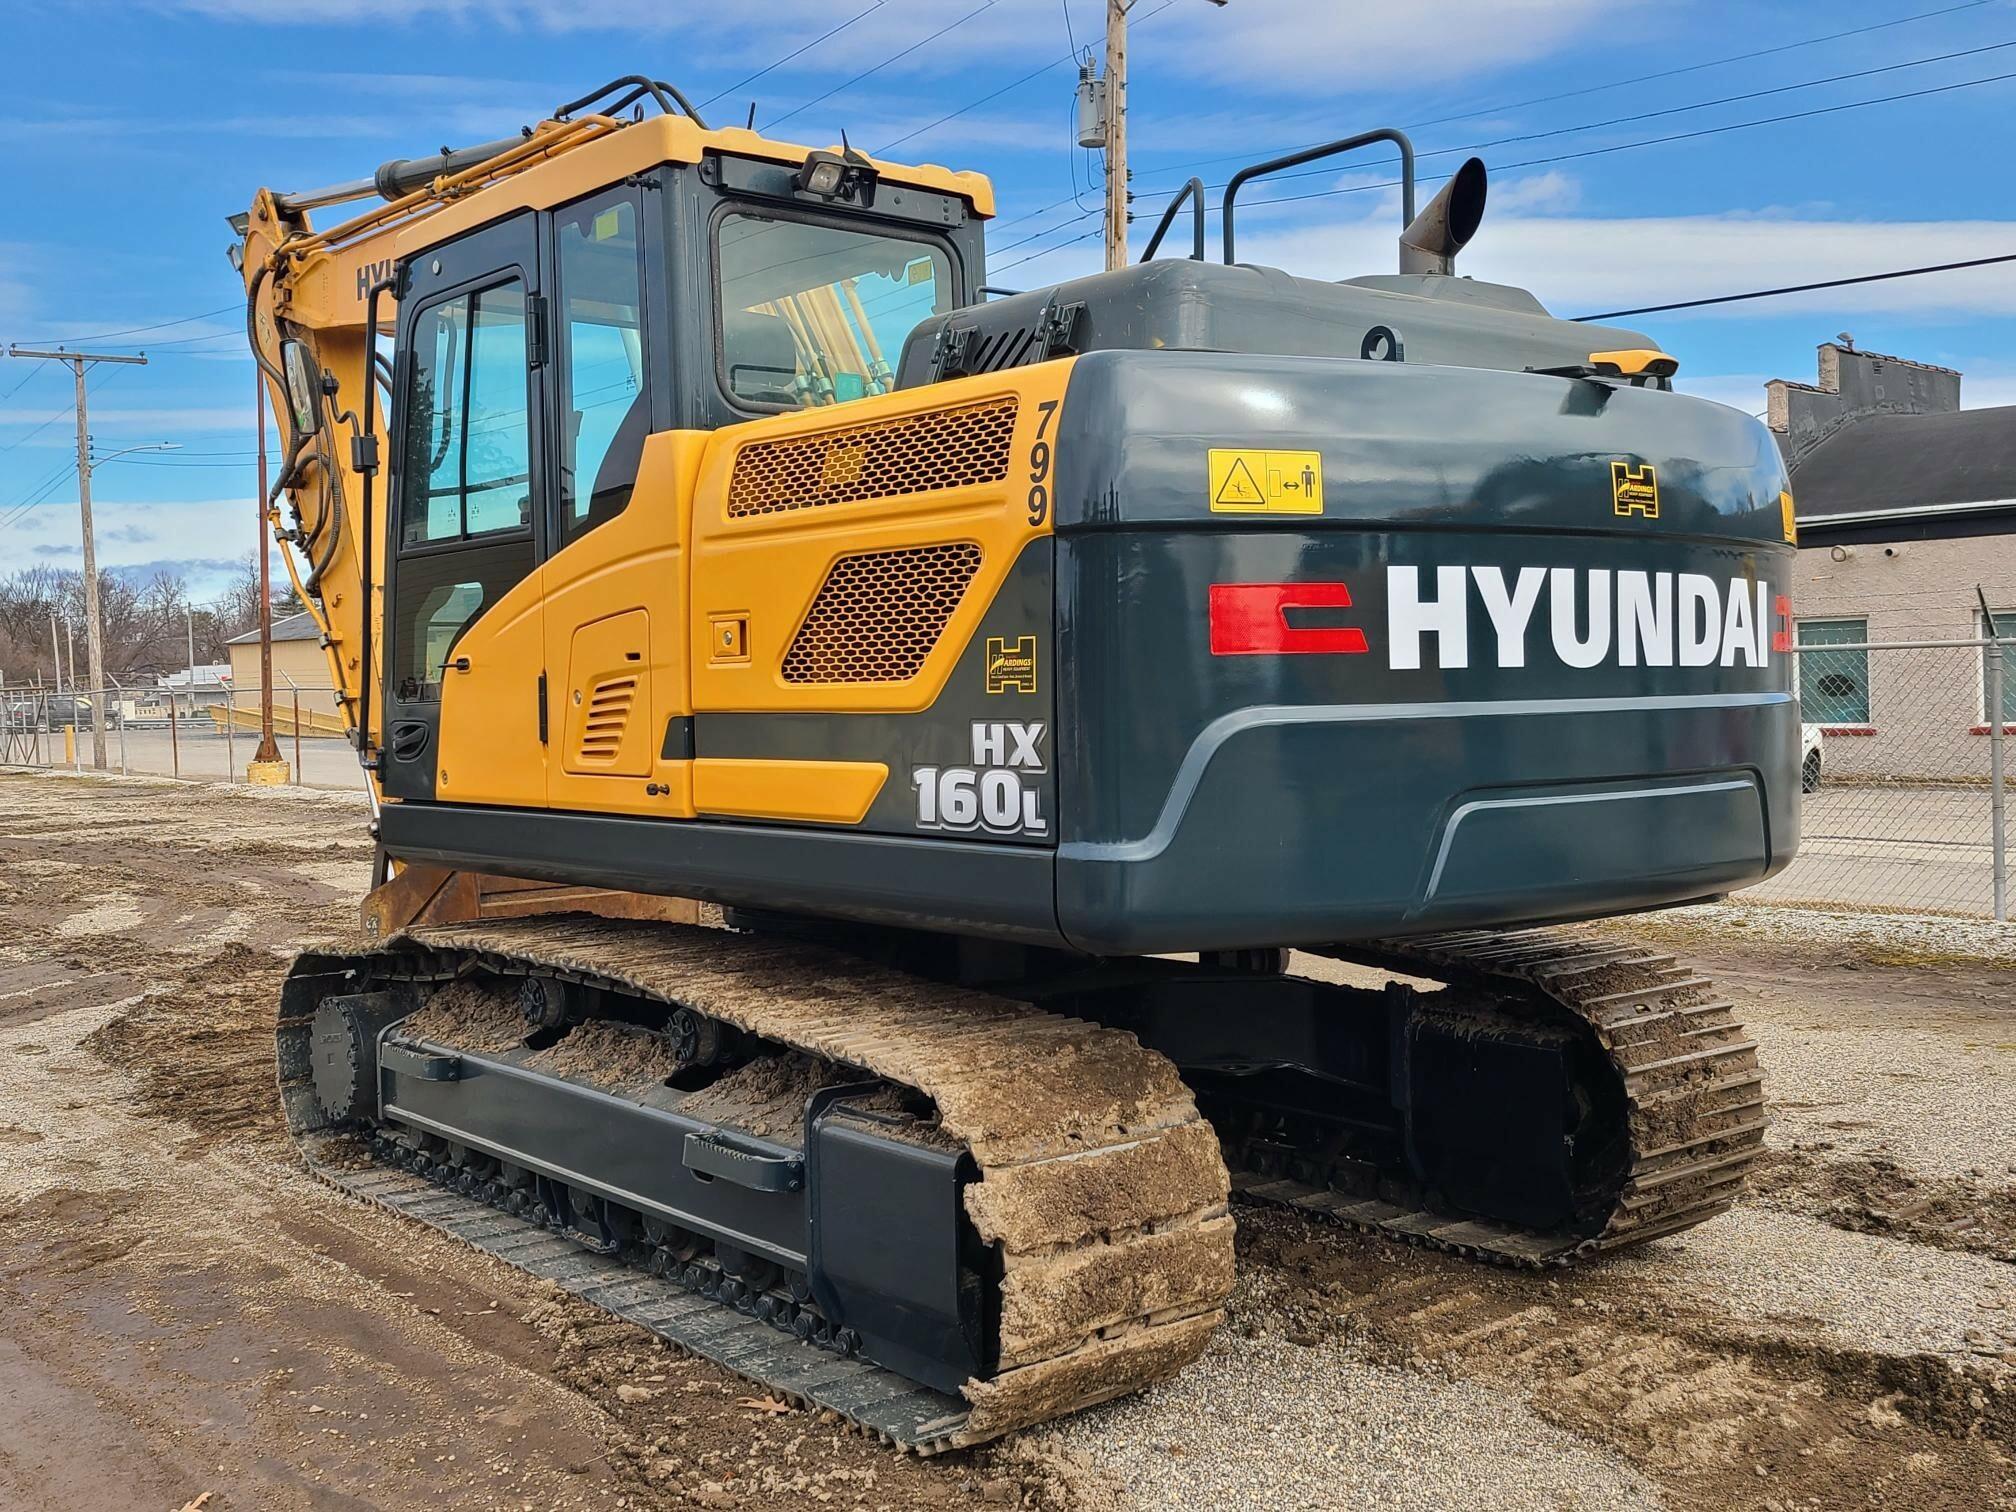 Used, 2017, HYUNDAI, HX160L, Excavators - Crawler